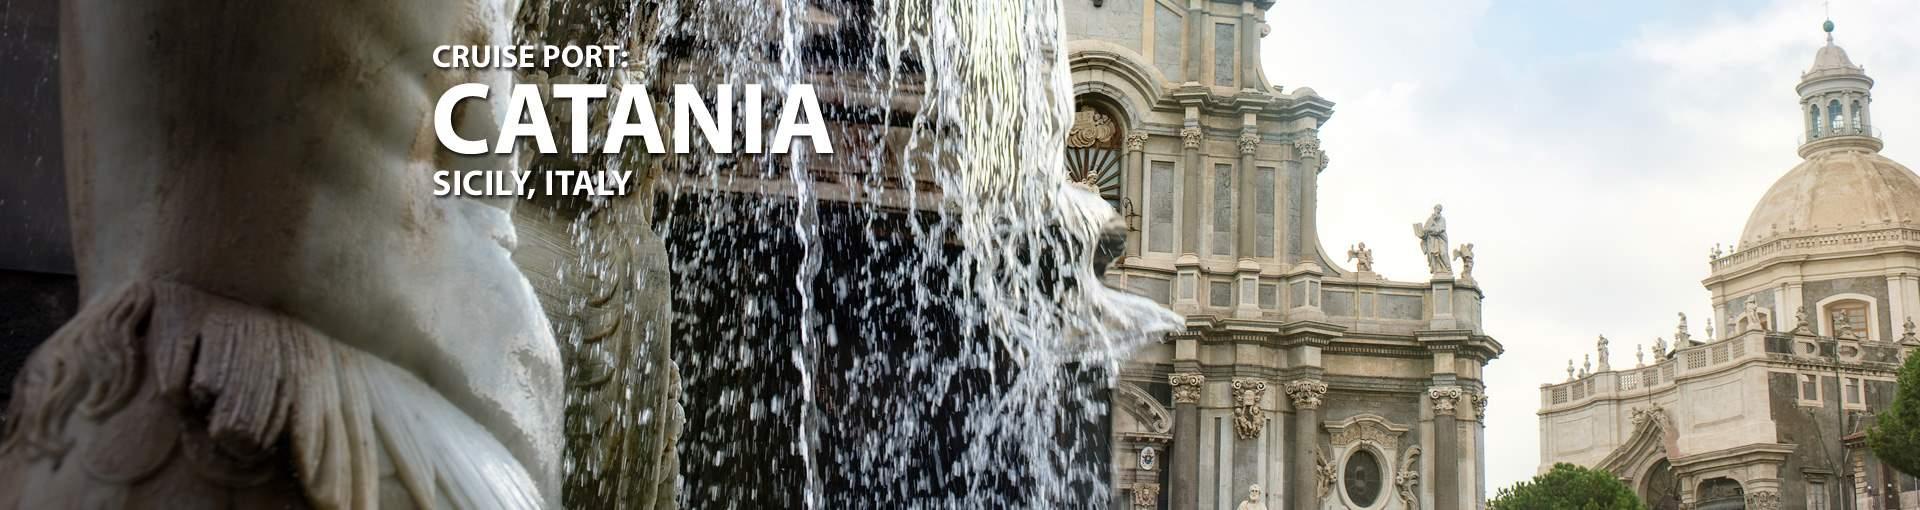 Cruises to Catania, Sicily, Italy